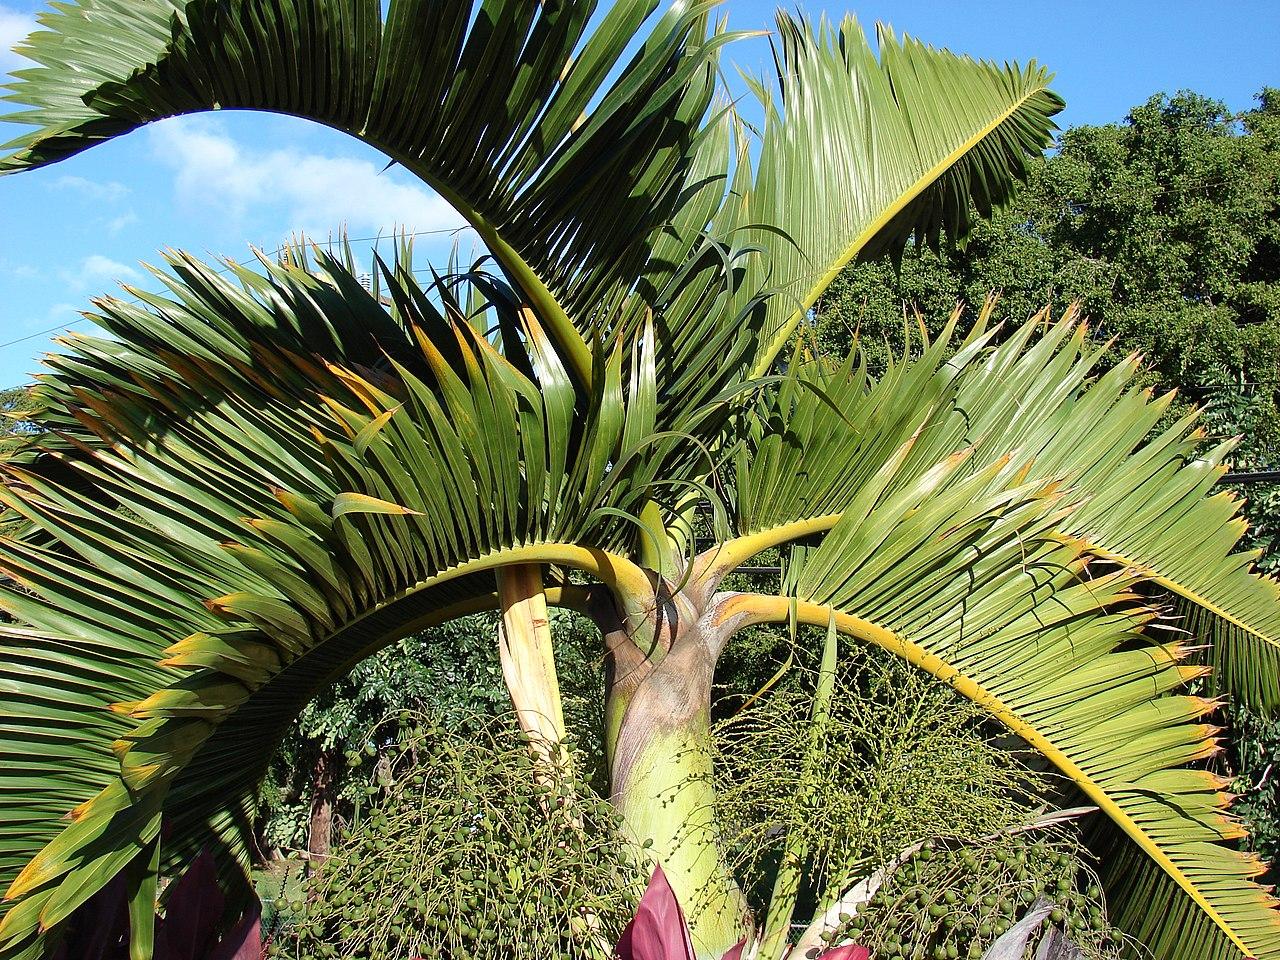 La palmera botella es una planta tropical